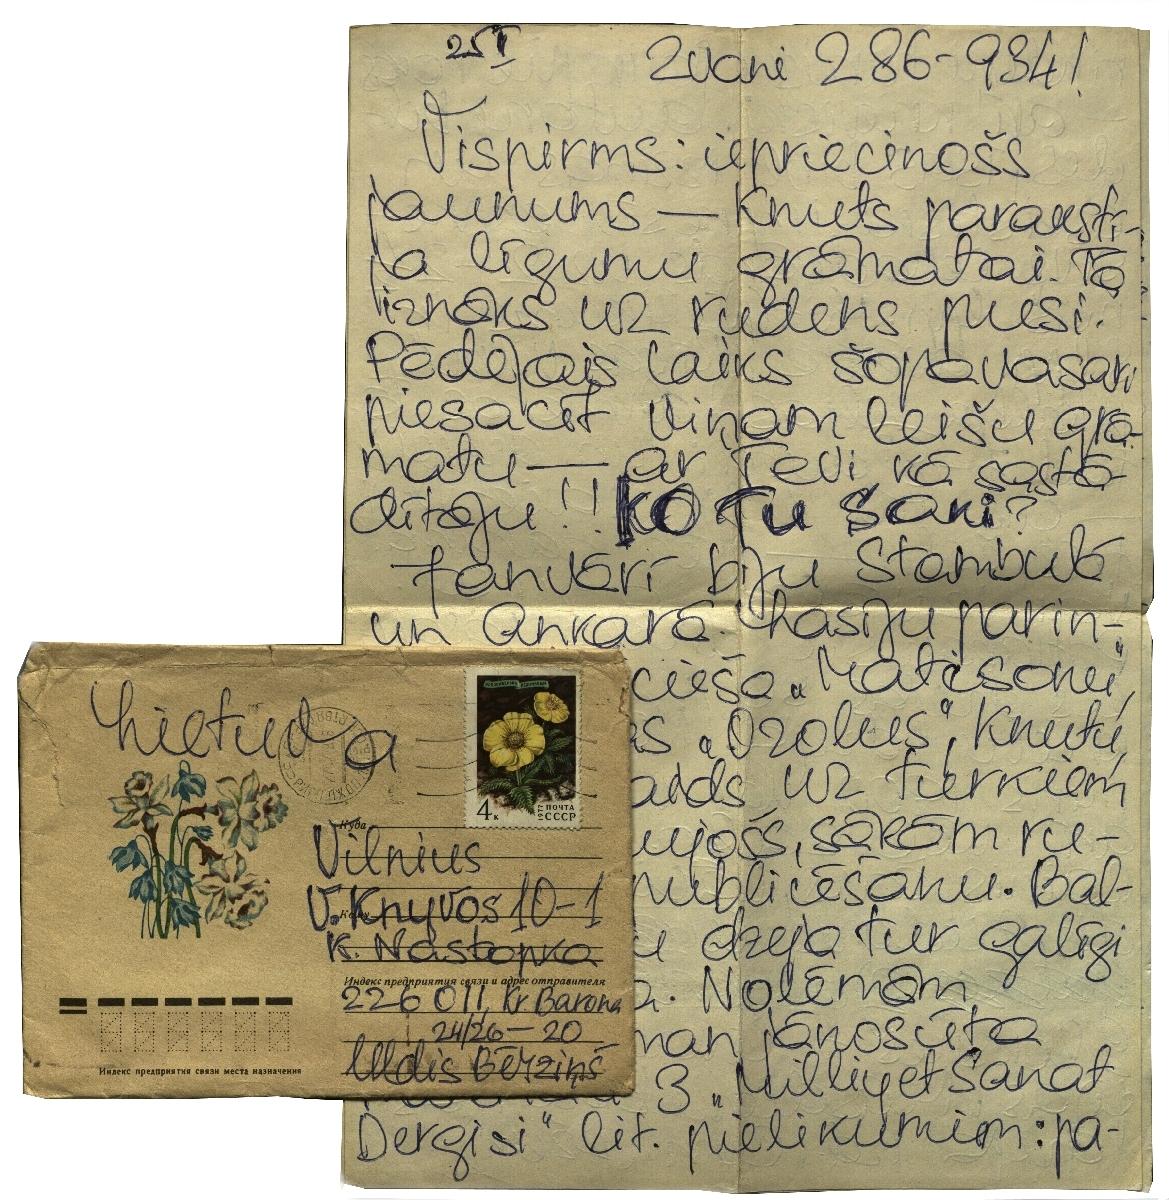 Poeto Uldžio  Bėrzinio laiškas. Ryga. 1987. 01.03.